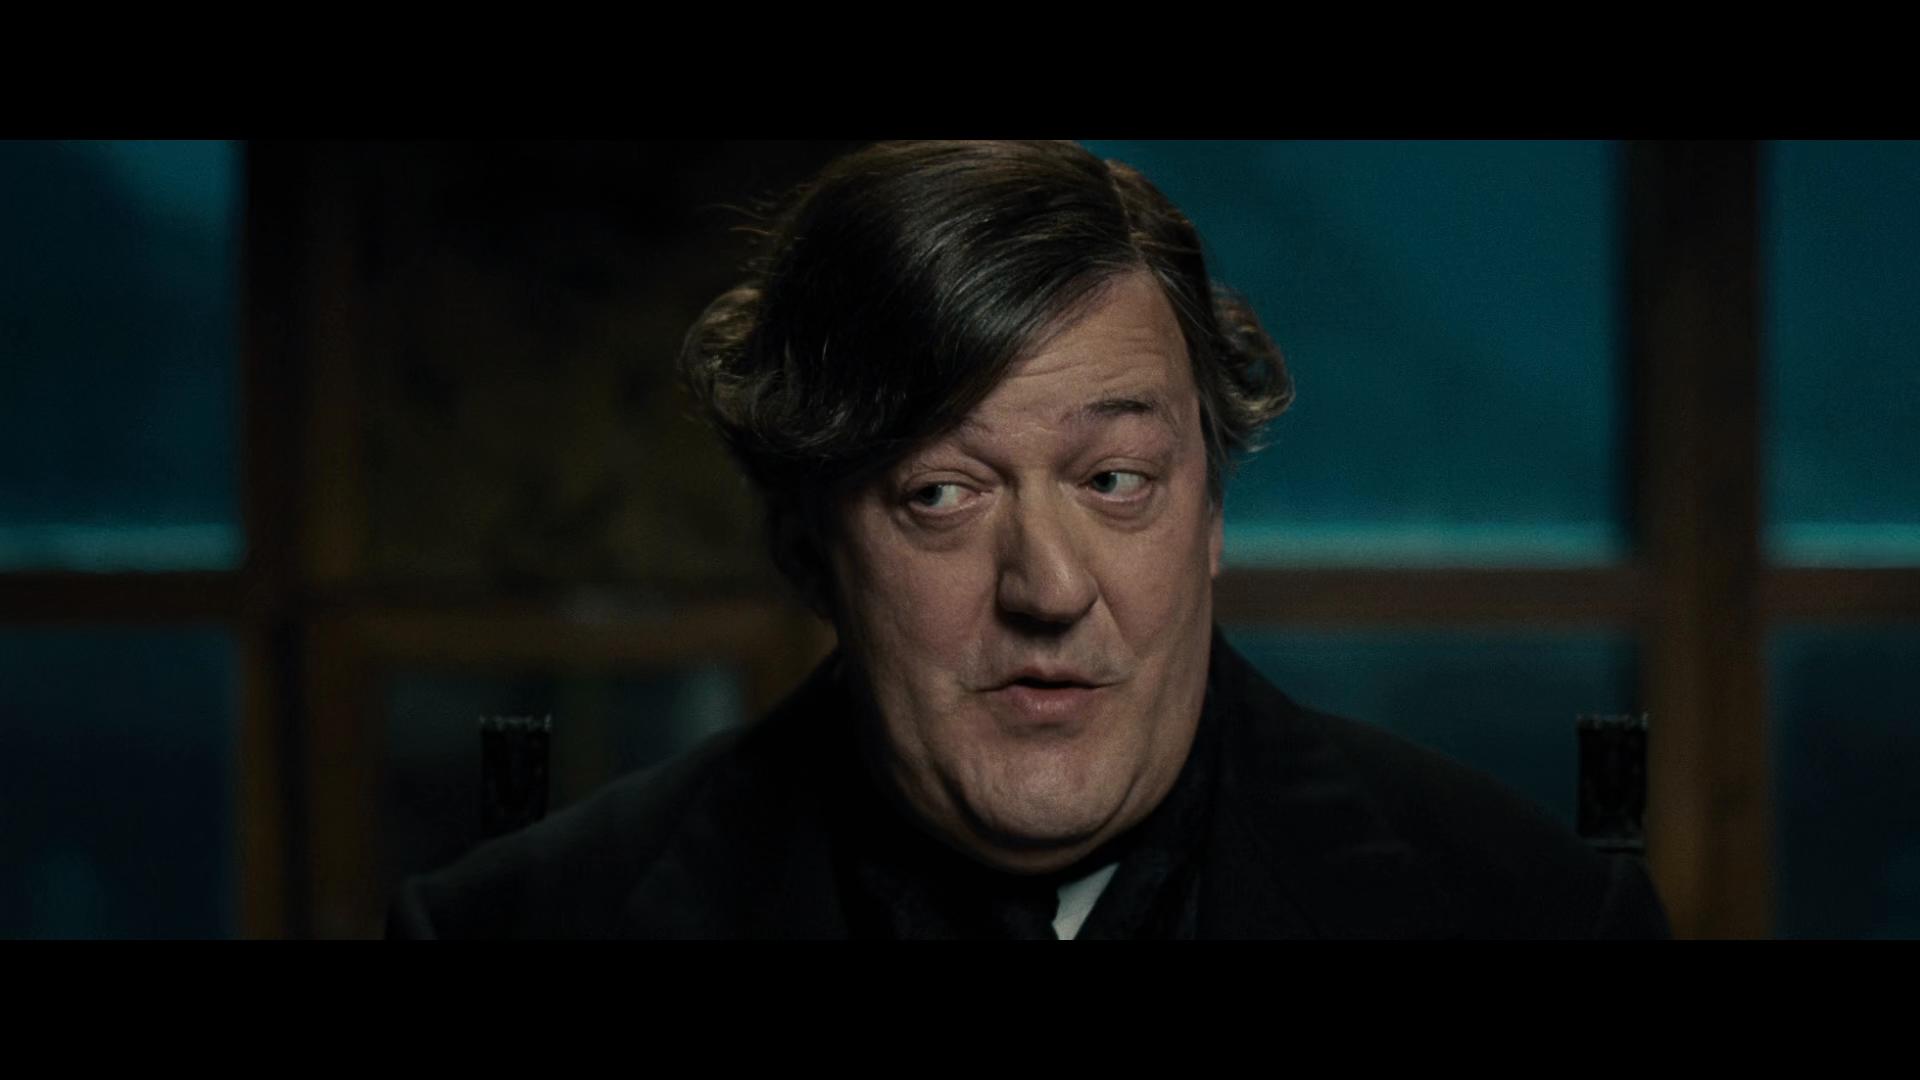 Captura de Sherlock Holmes: Juego de sombras (2011) 1080p x265 HEVC Latino – Inglés